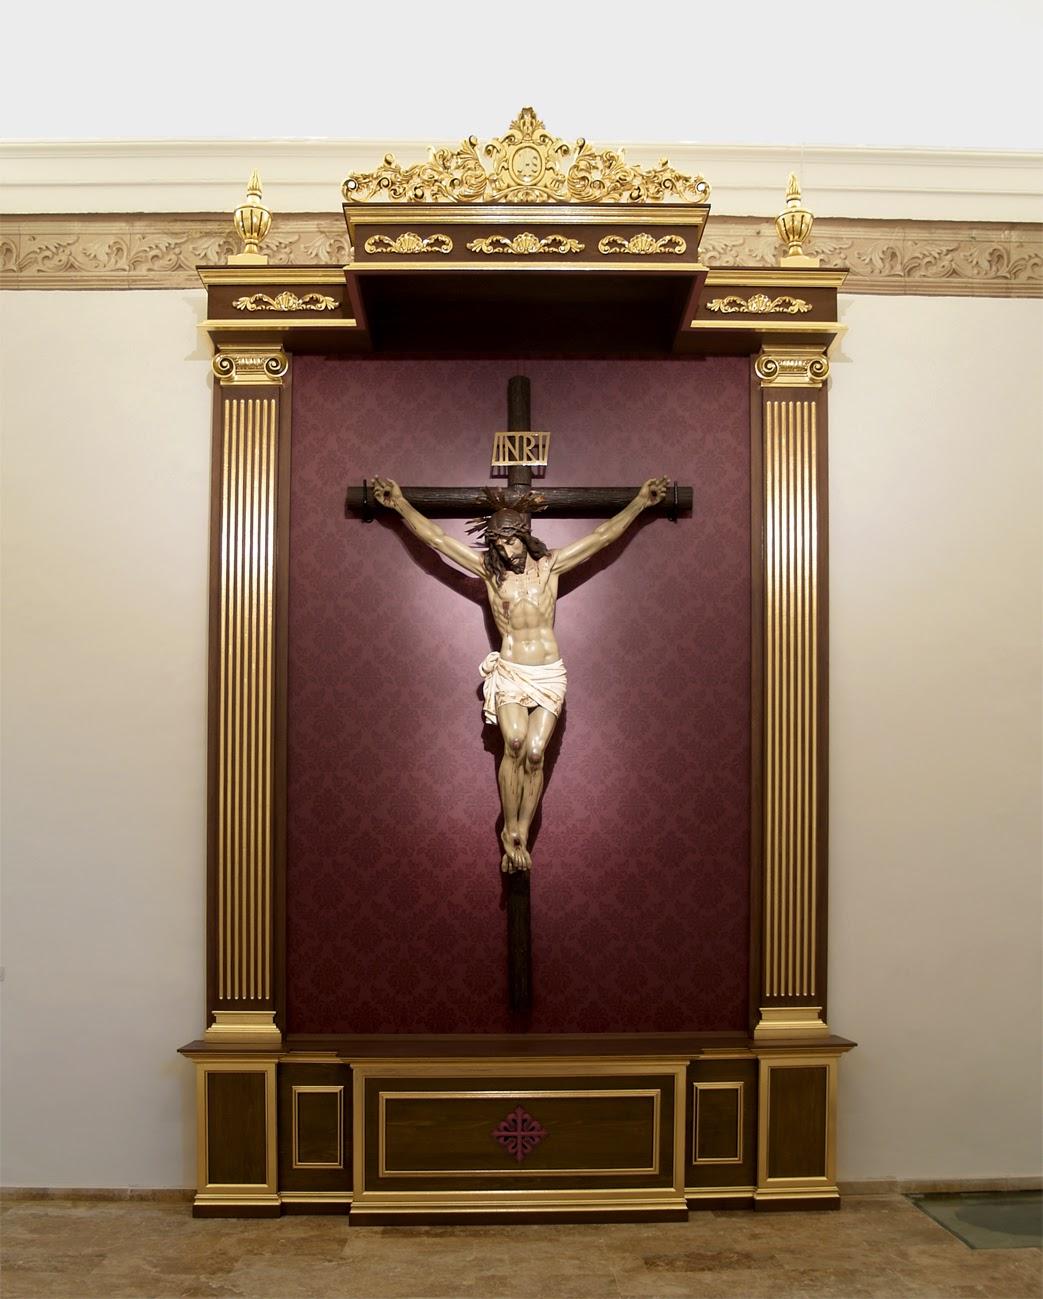 Taller de arte religioso salmer n dosel para el cristo de - Maderas moral ...